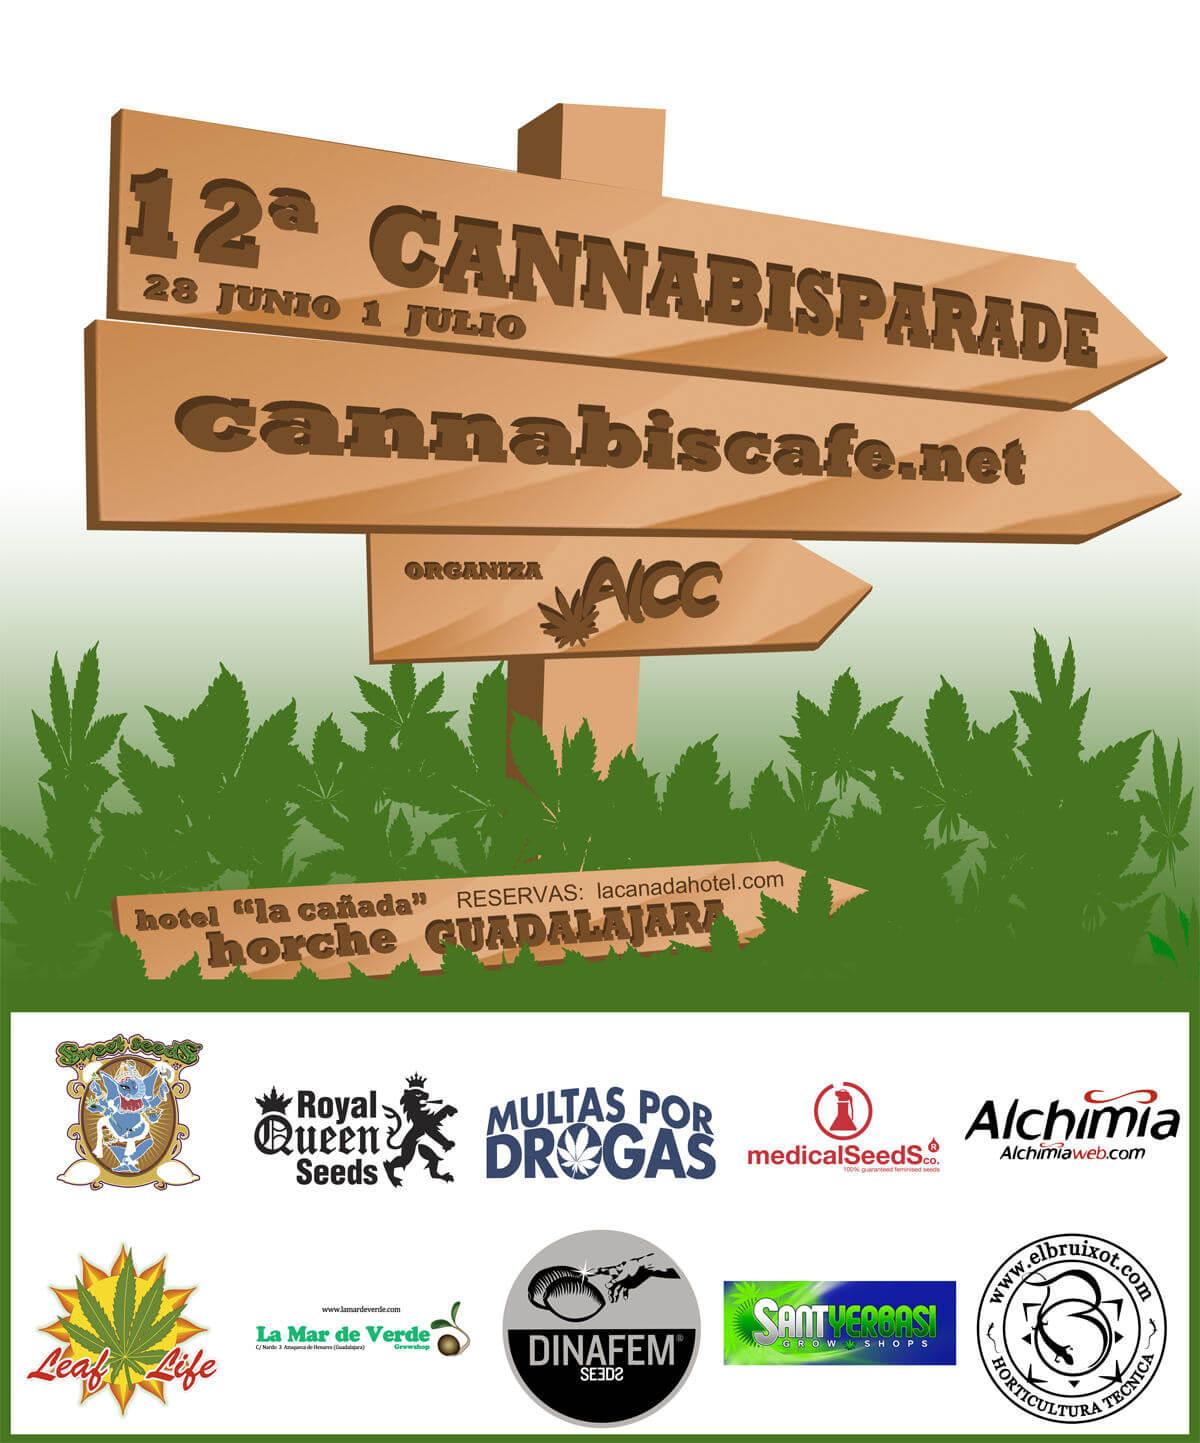 Cannabis Parade 2012 por Cannabiscafe